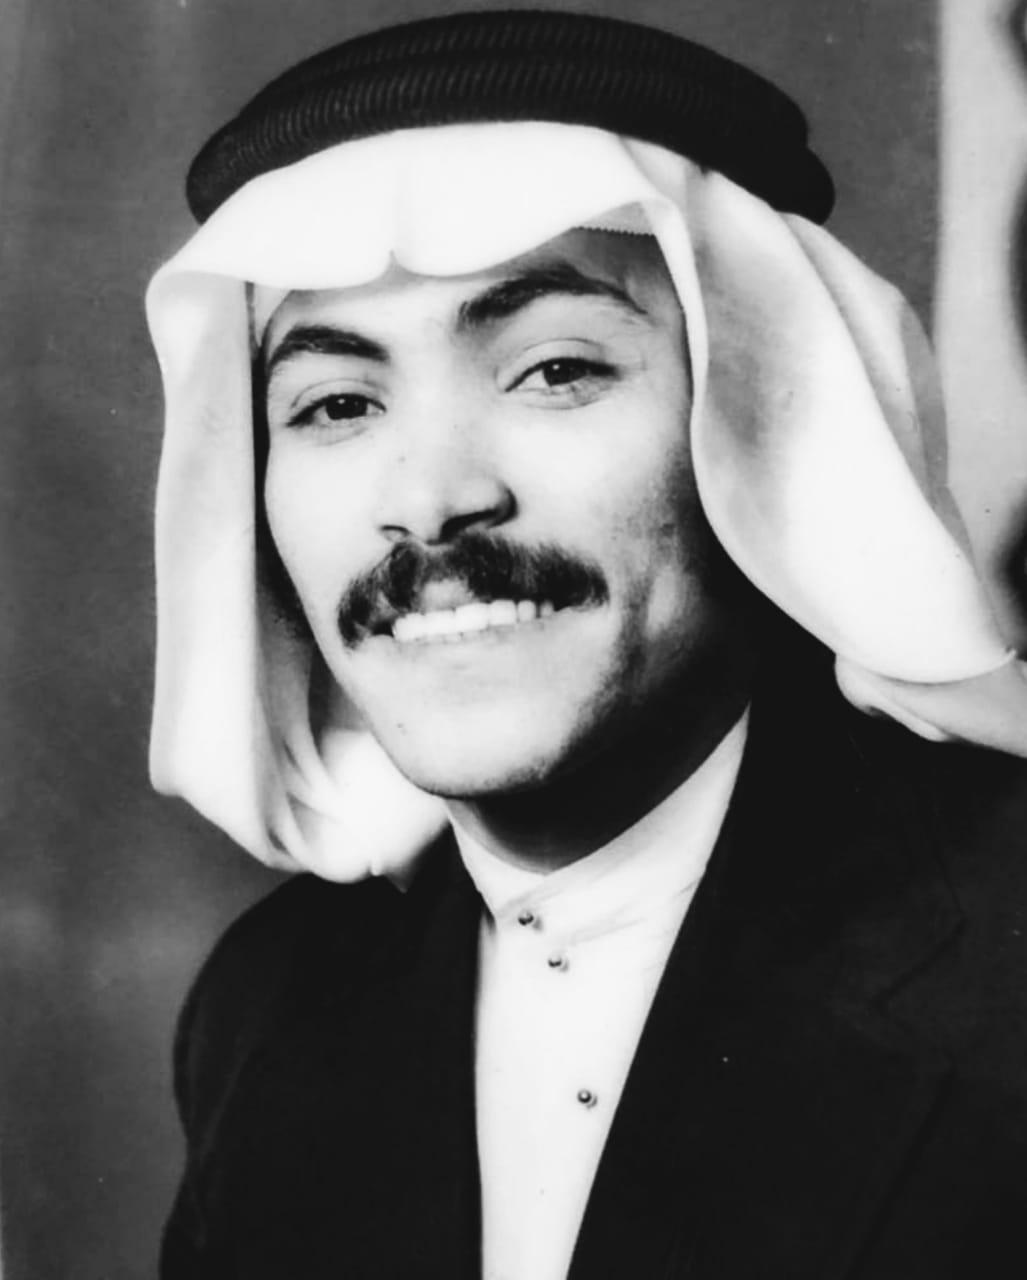 """قصيدة """" إهداء إلى الأستاذ: إبراهيم عثمان حكمي مدير إدارة الموارد البشرية"""